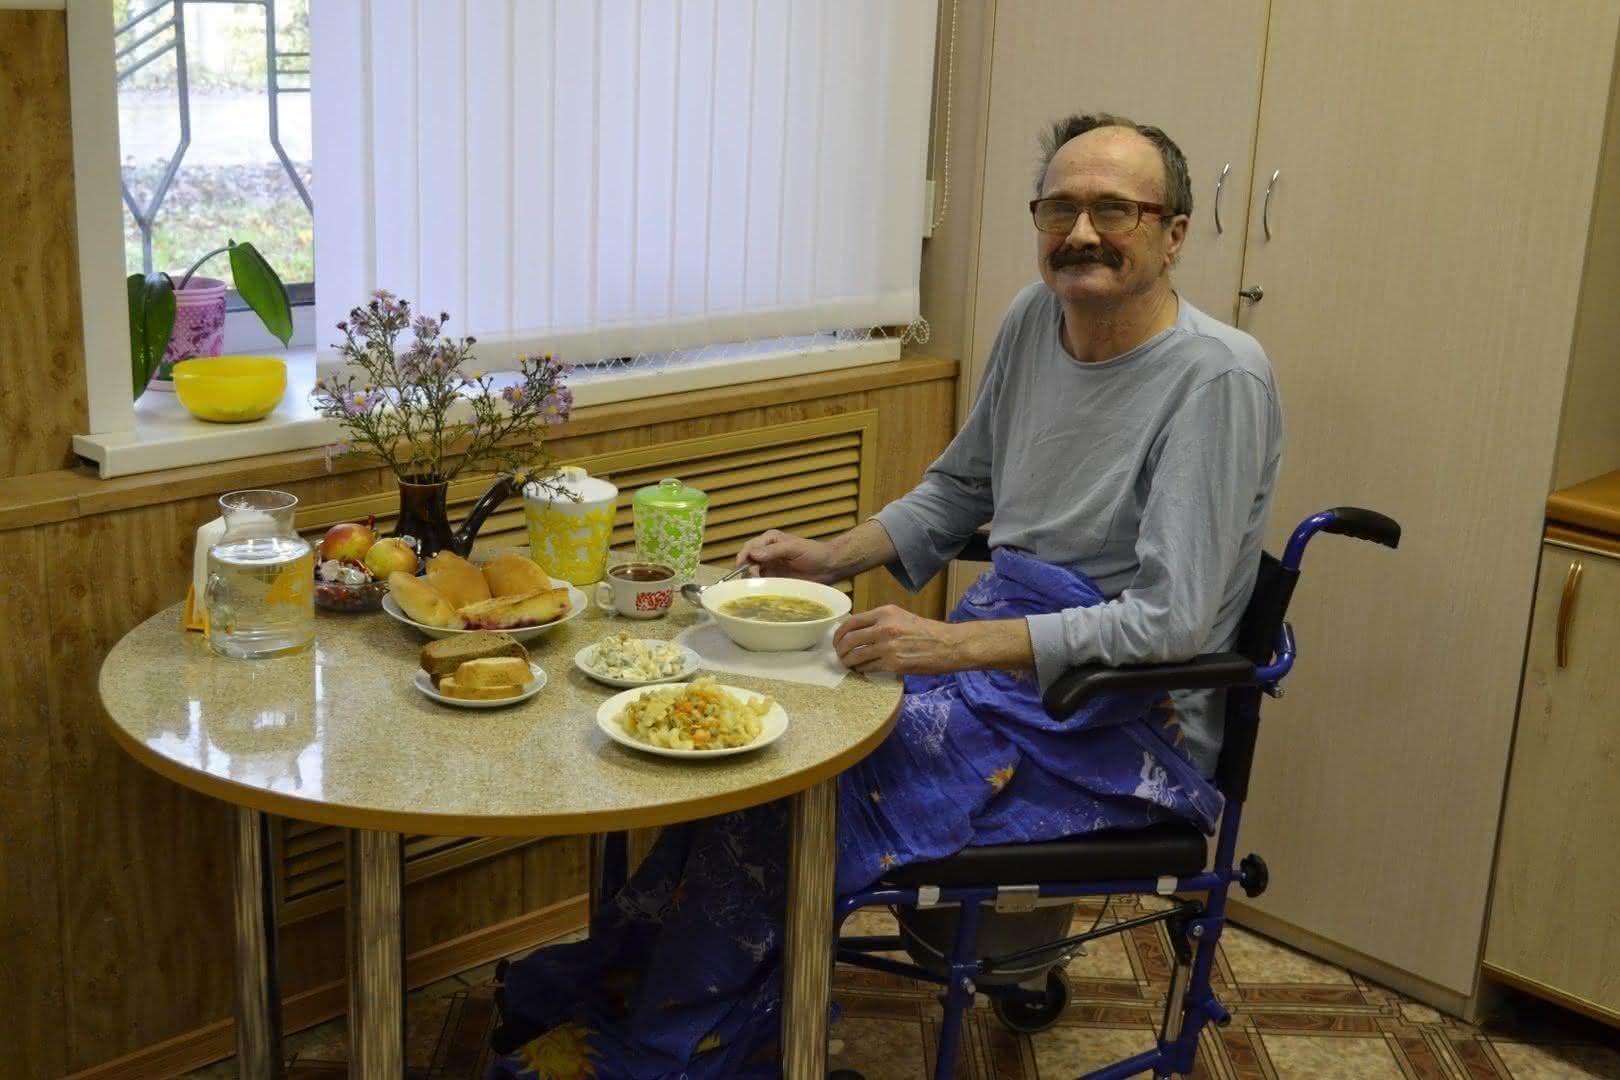 Пансионаты для пожилых в кировской области дом престарелых в луганске ул геологическая